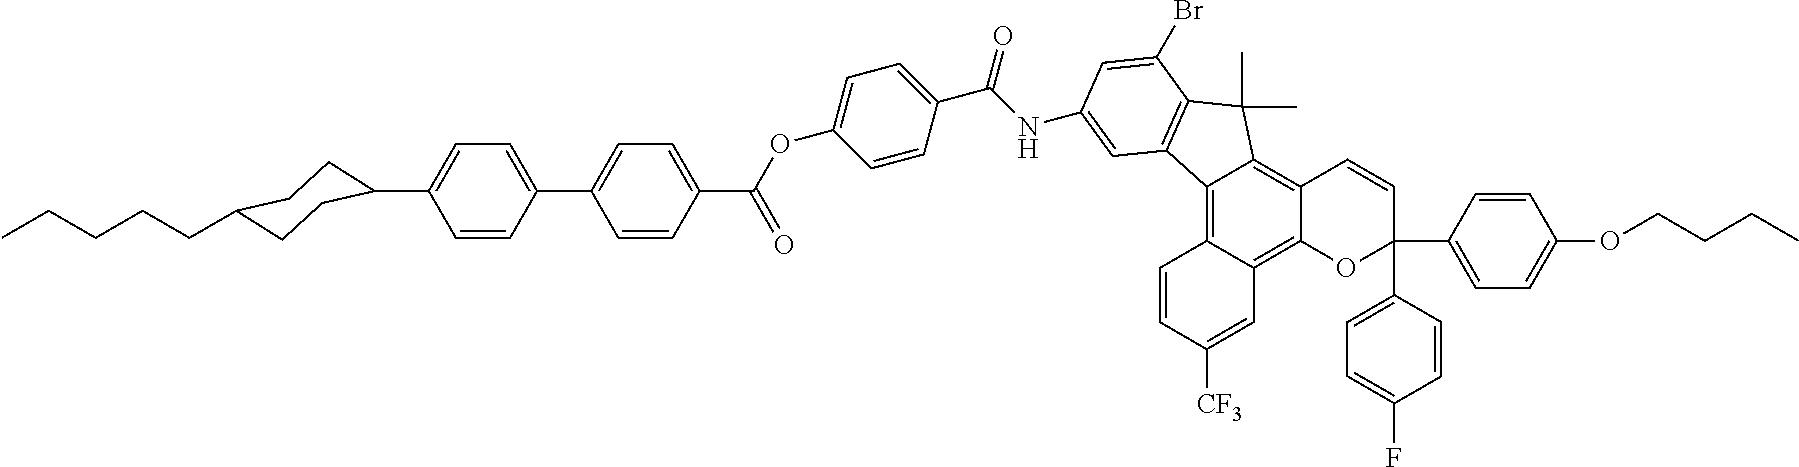 Figure US08545984-20131001-C00042